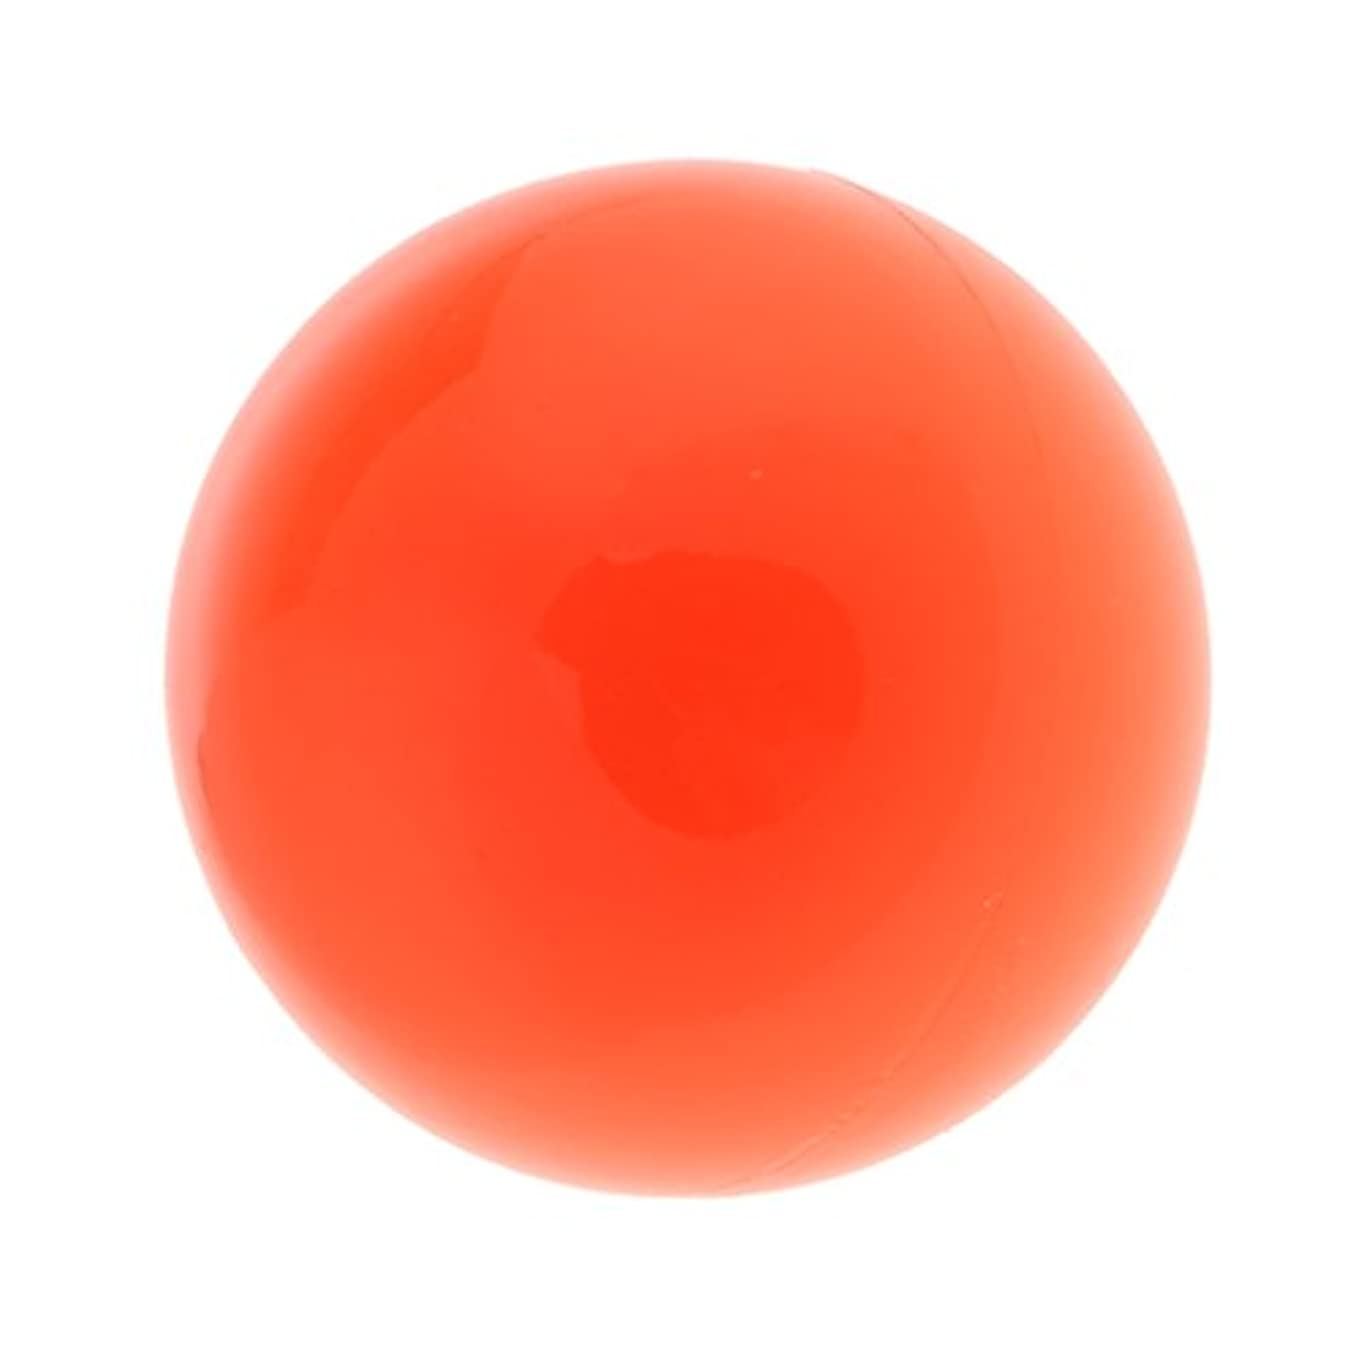 月曜民兵落ち着かないラクロスマッサージボール マッサージボール マッサージ 手のひら 足 腕 首 背中 足首 ジム ホーム 便利 オレンジ